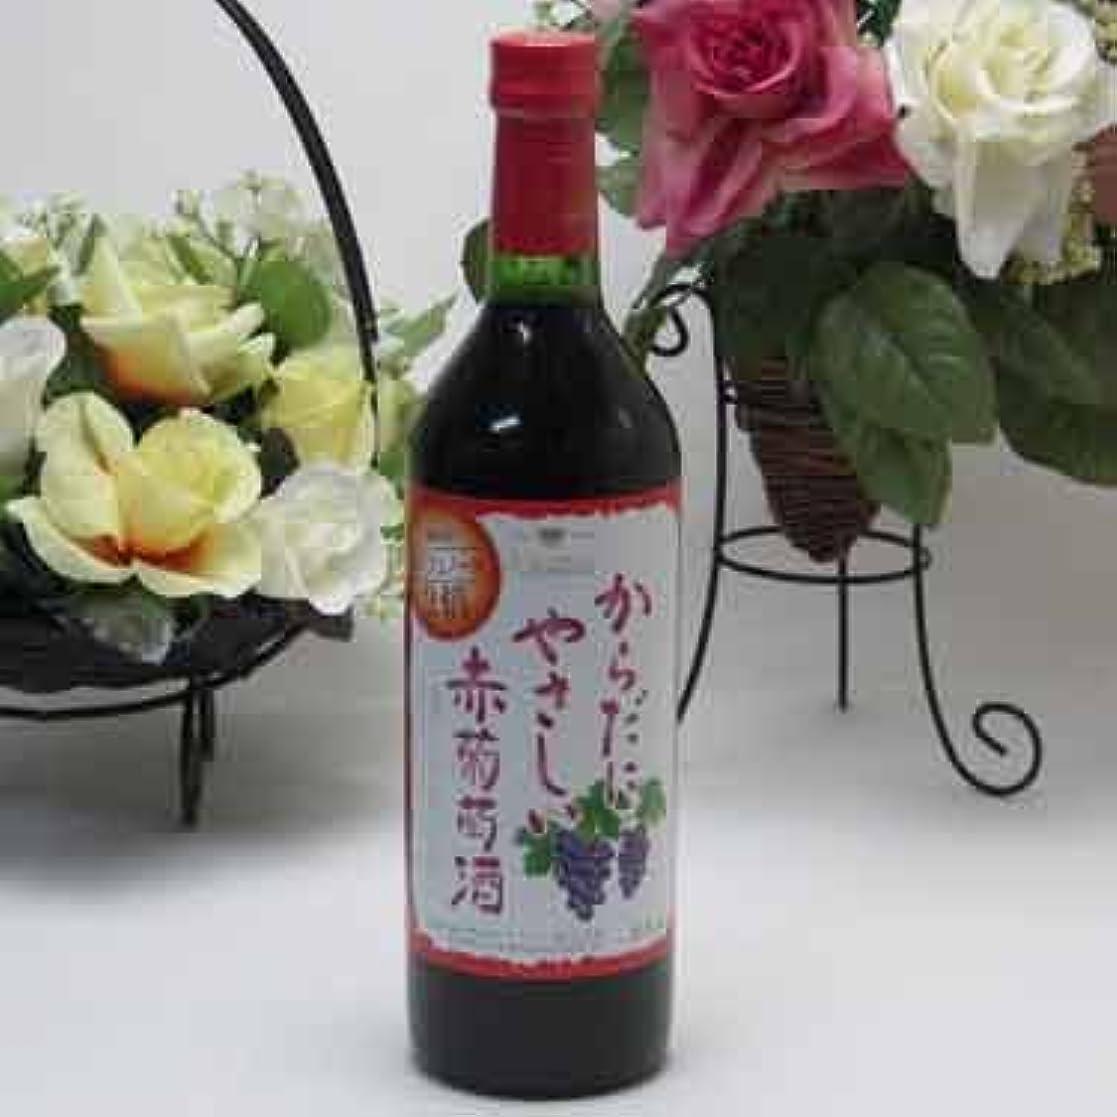 幻滅する拮抗クリップ蝶シャンモリワイン からだにやさしい赤葡萄酒 赤ワイン 720ml 盛田甲州ワイナリー(山梨県)